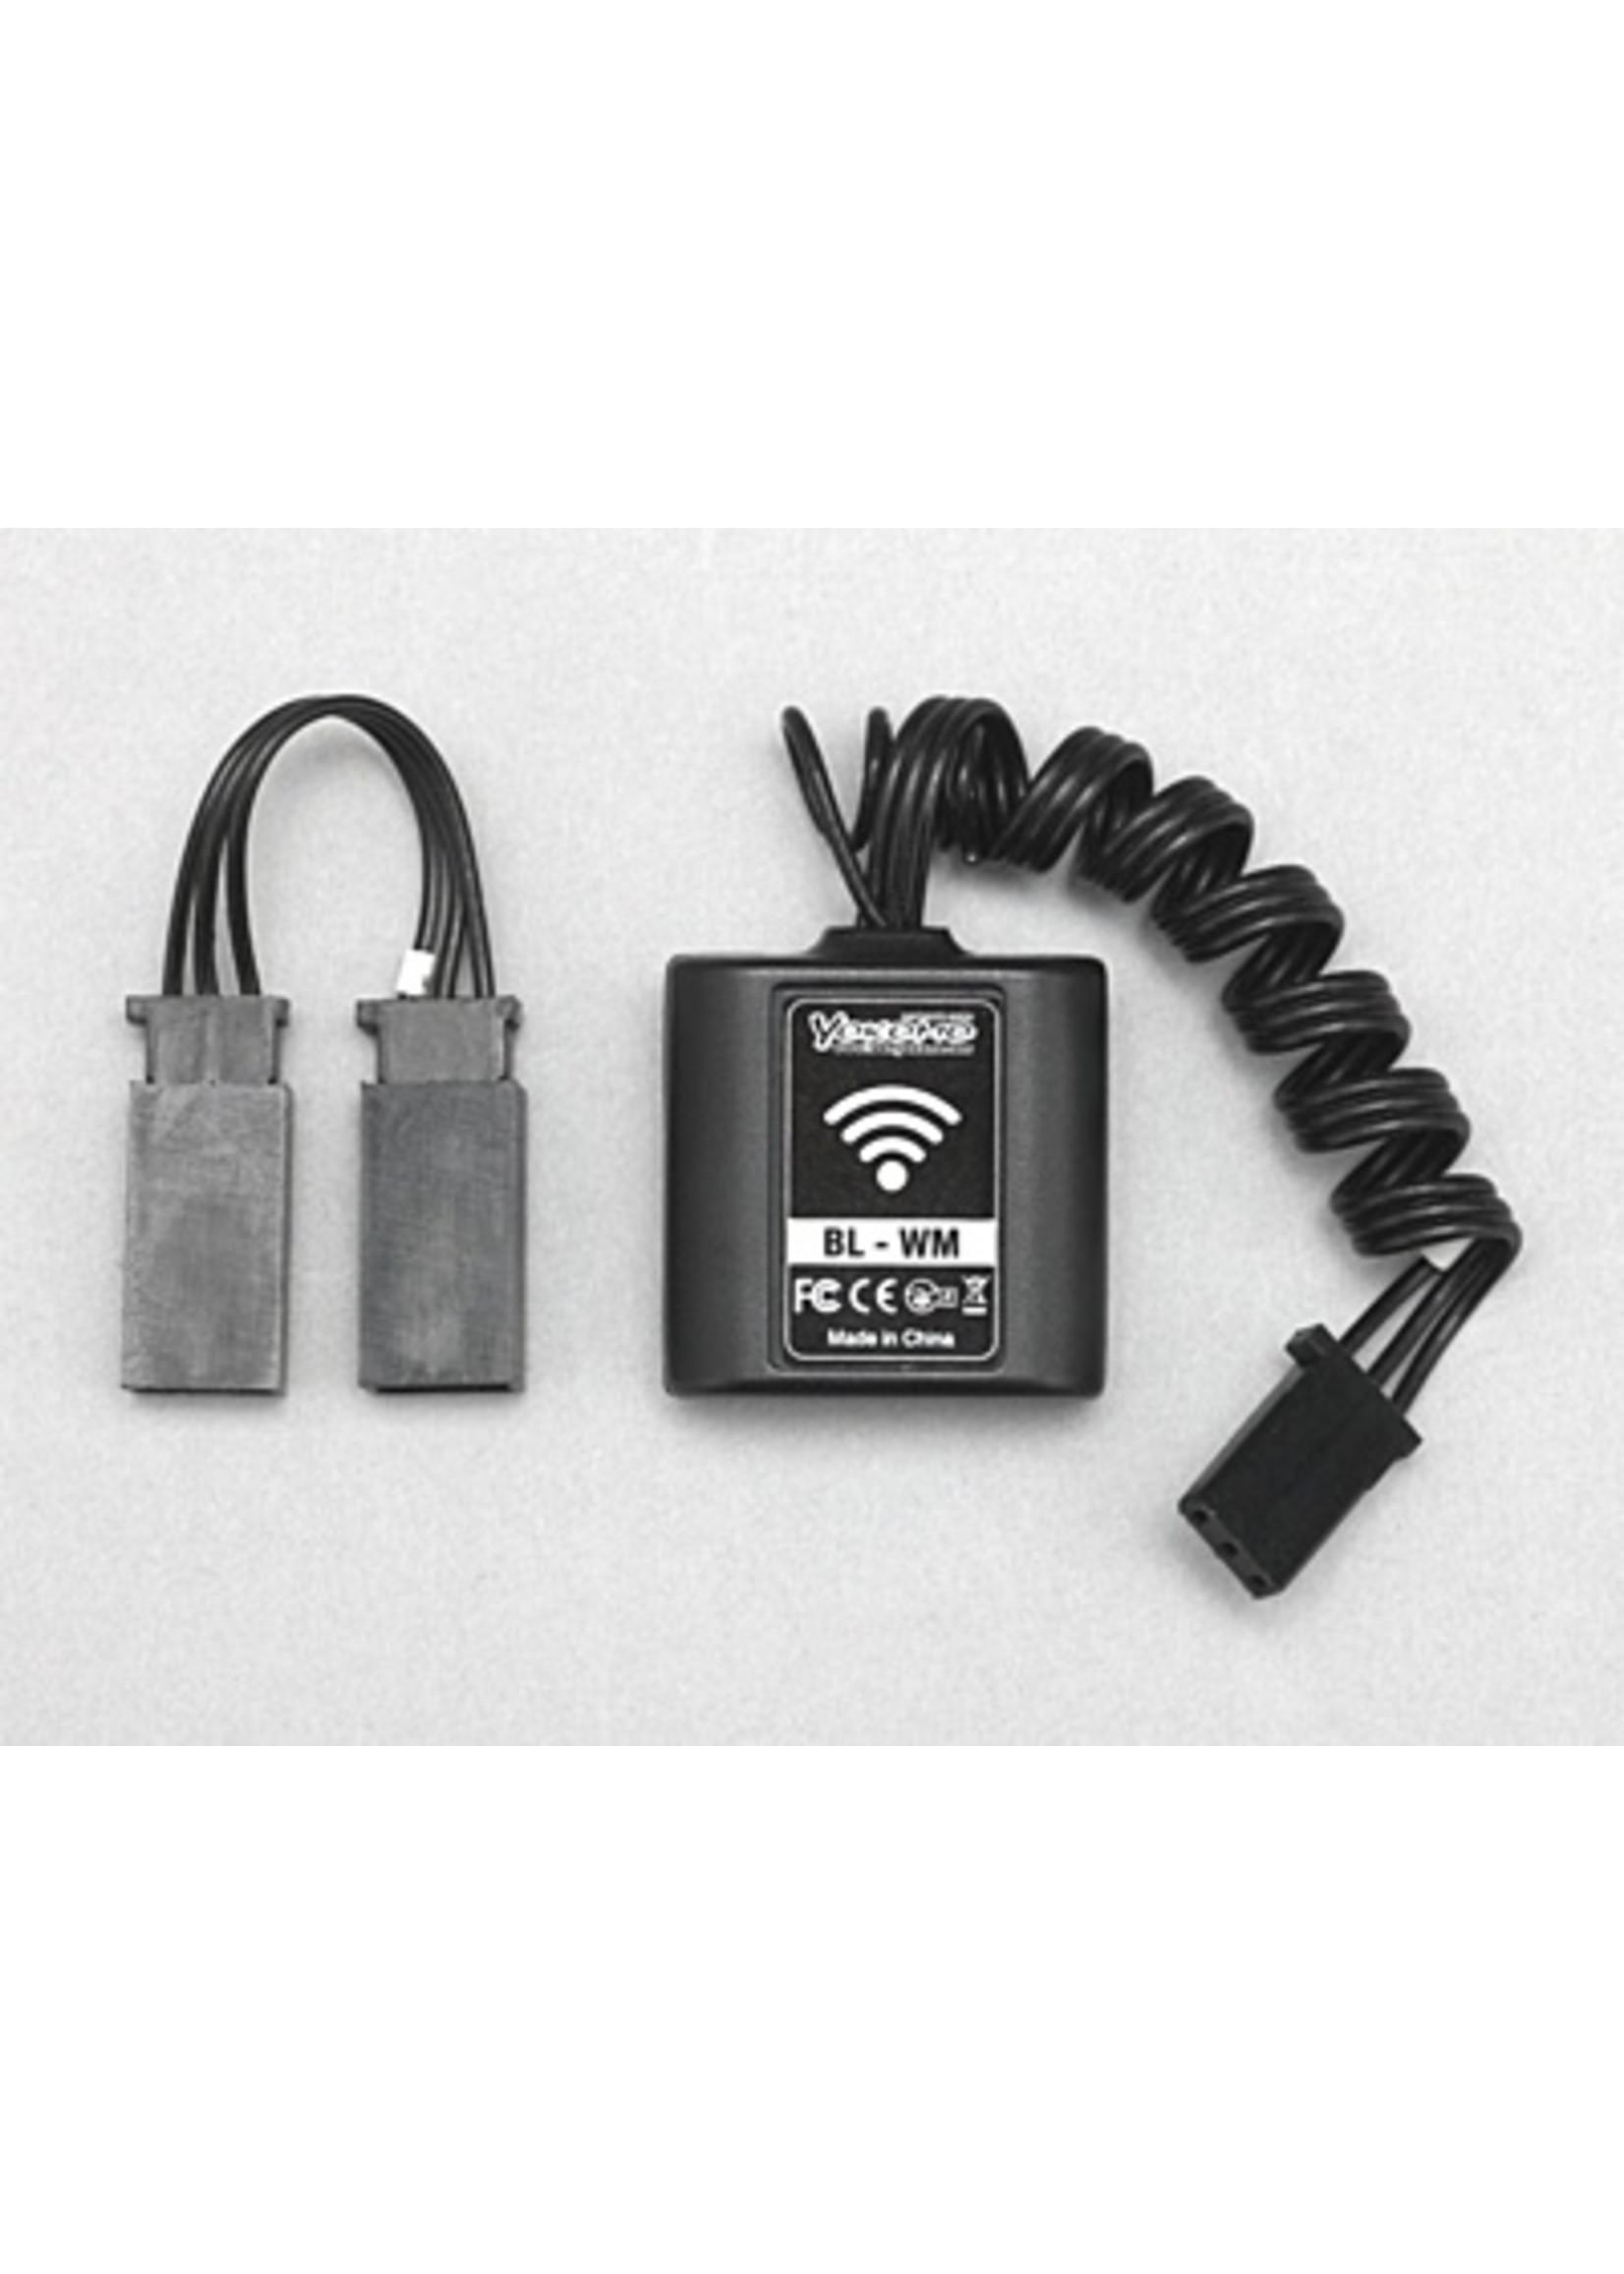 Yokomo Yokomo Wi-Fi Module for ESC BL-PRO4/RS4/SP4 BL-WM